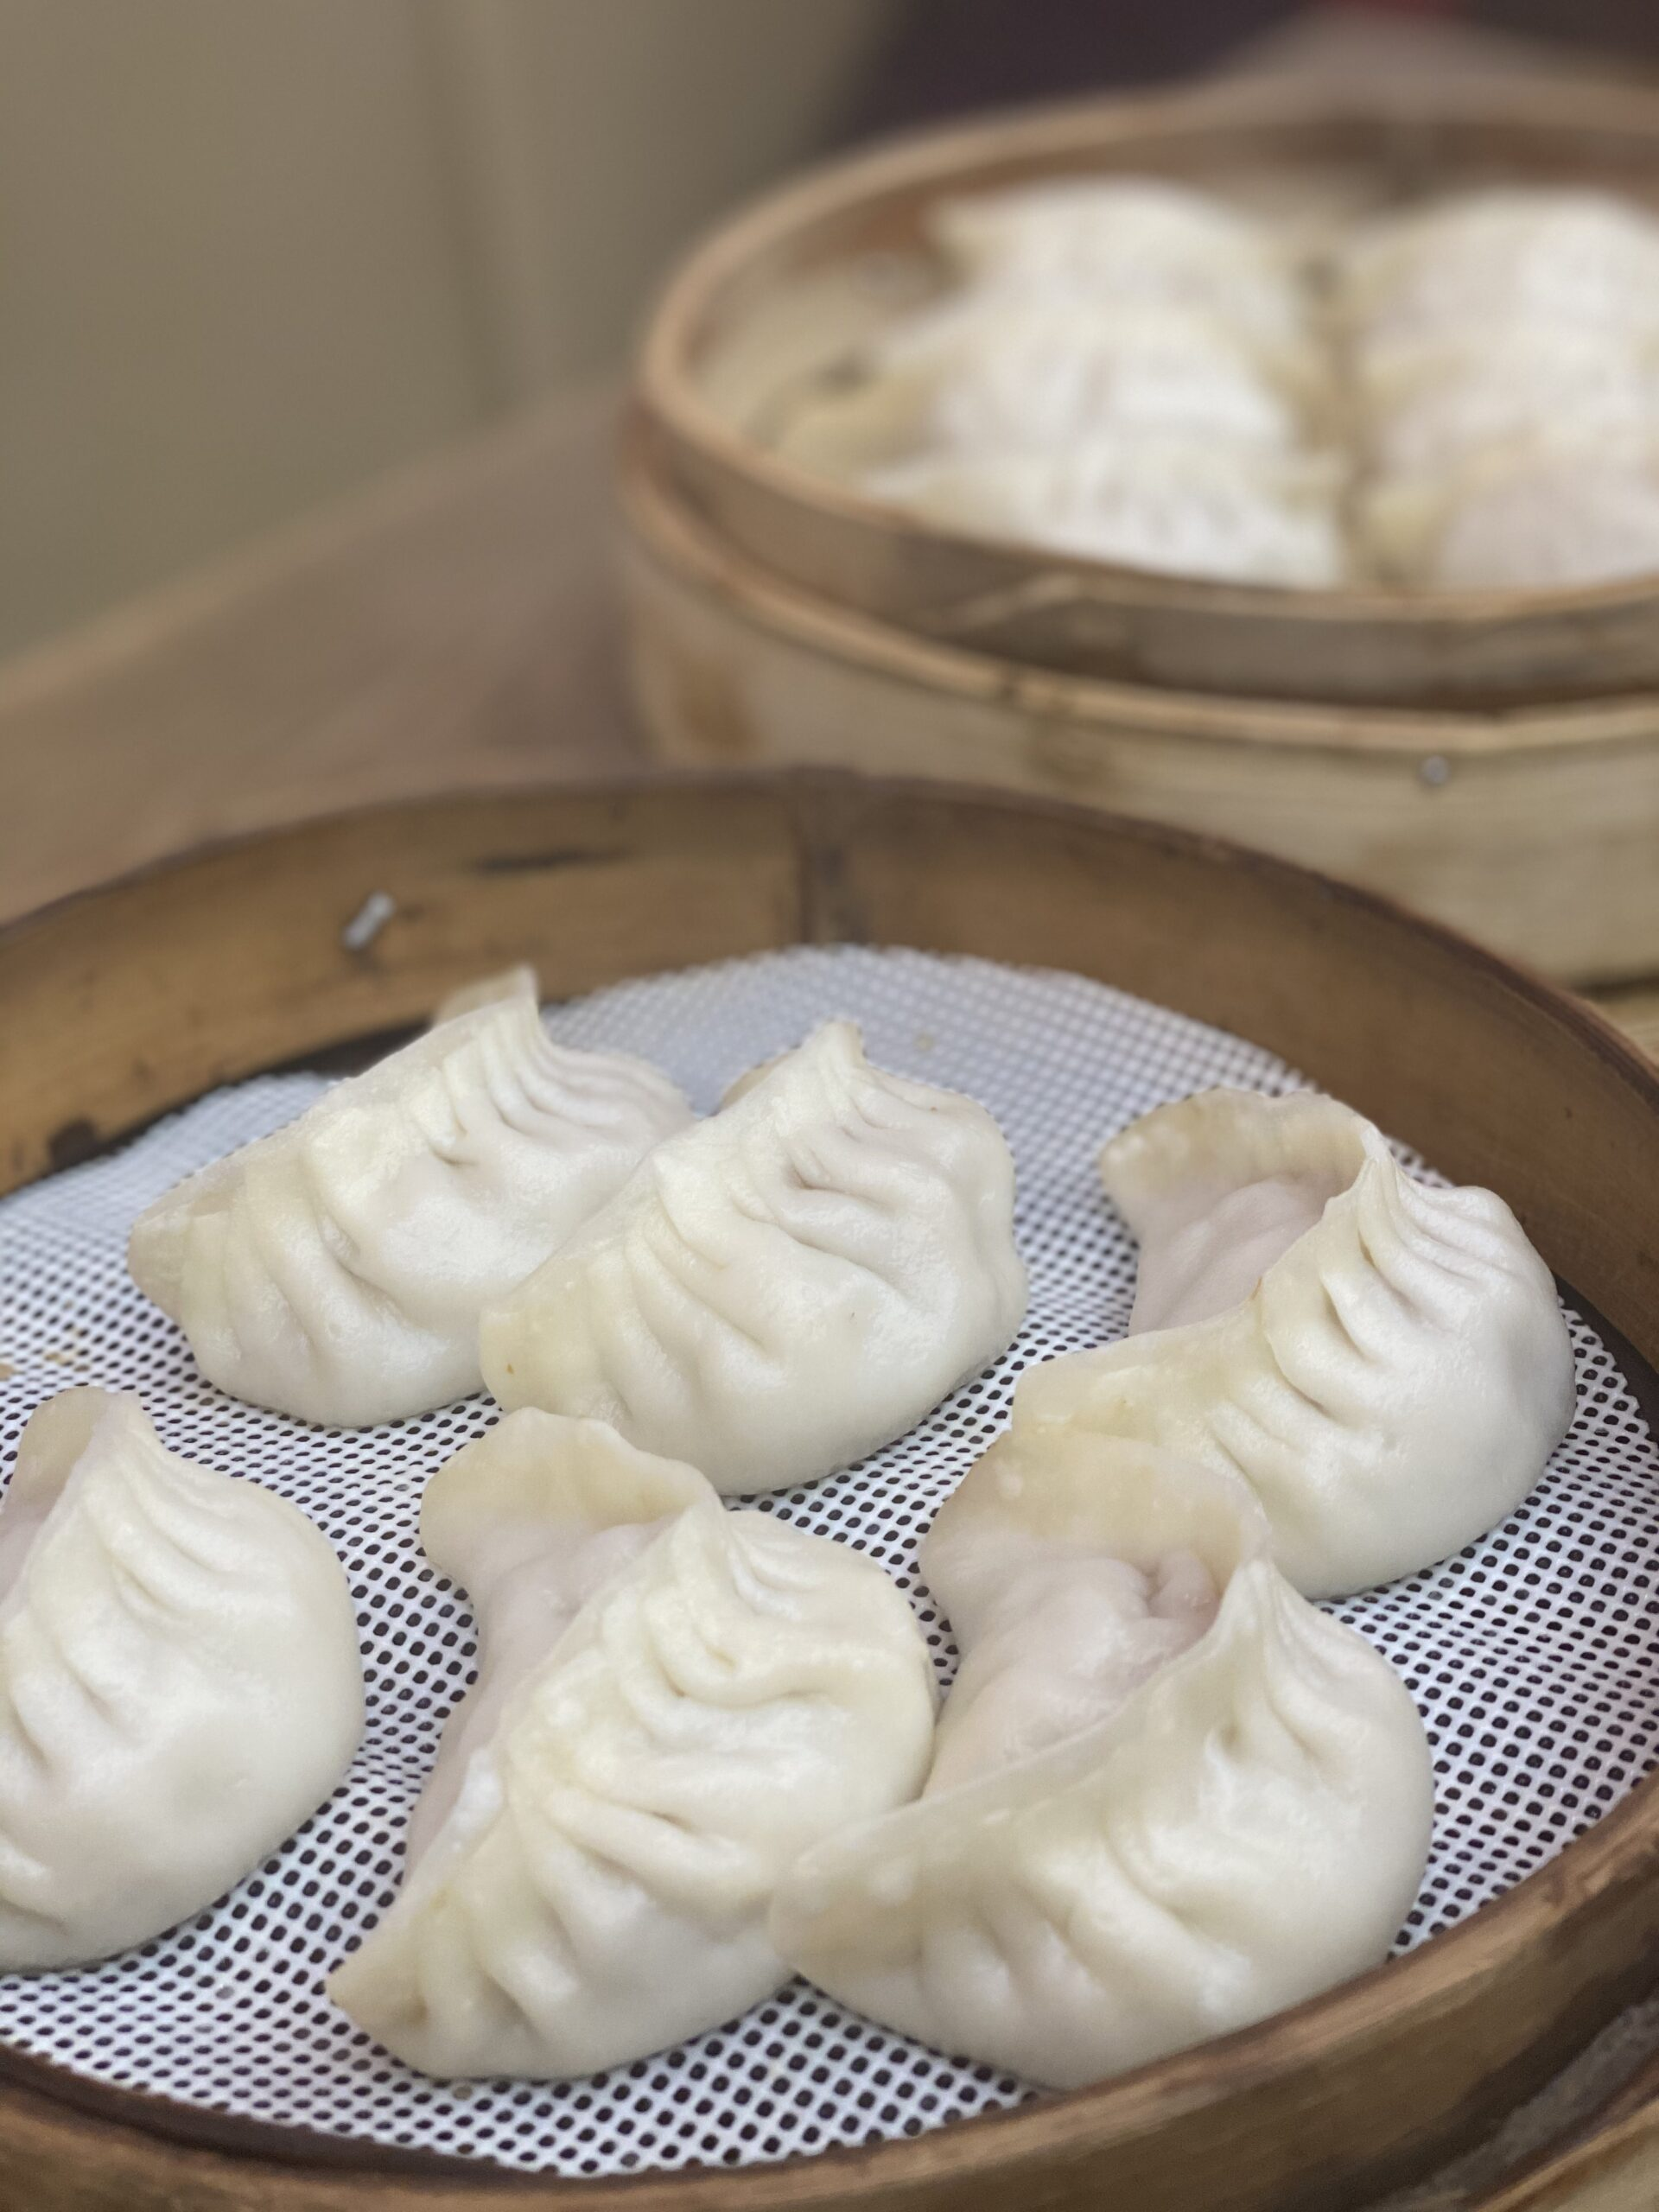 Explore Suzhou In Our Suzhou Alleyway Walking Food Tour